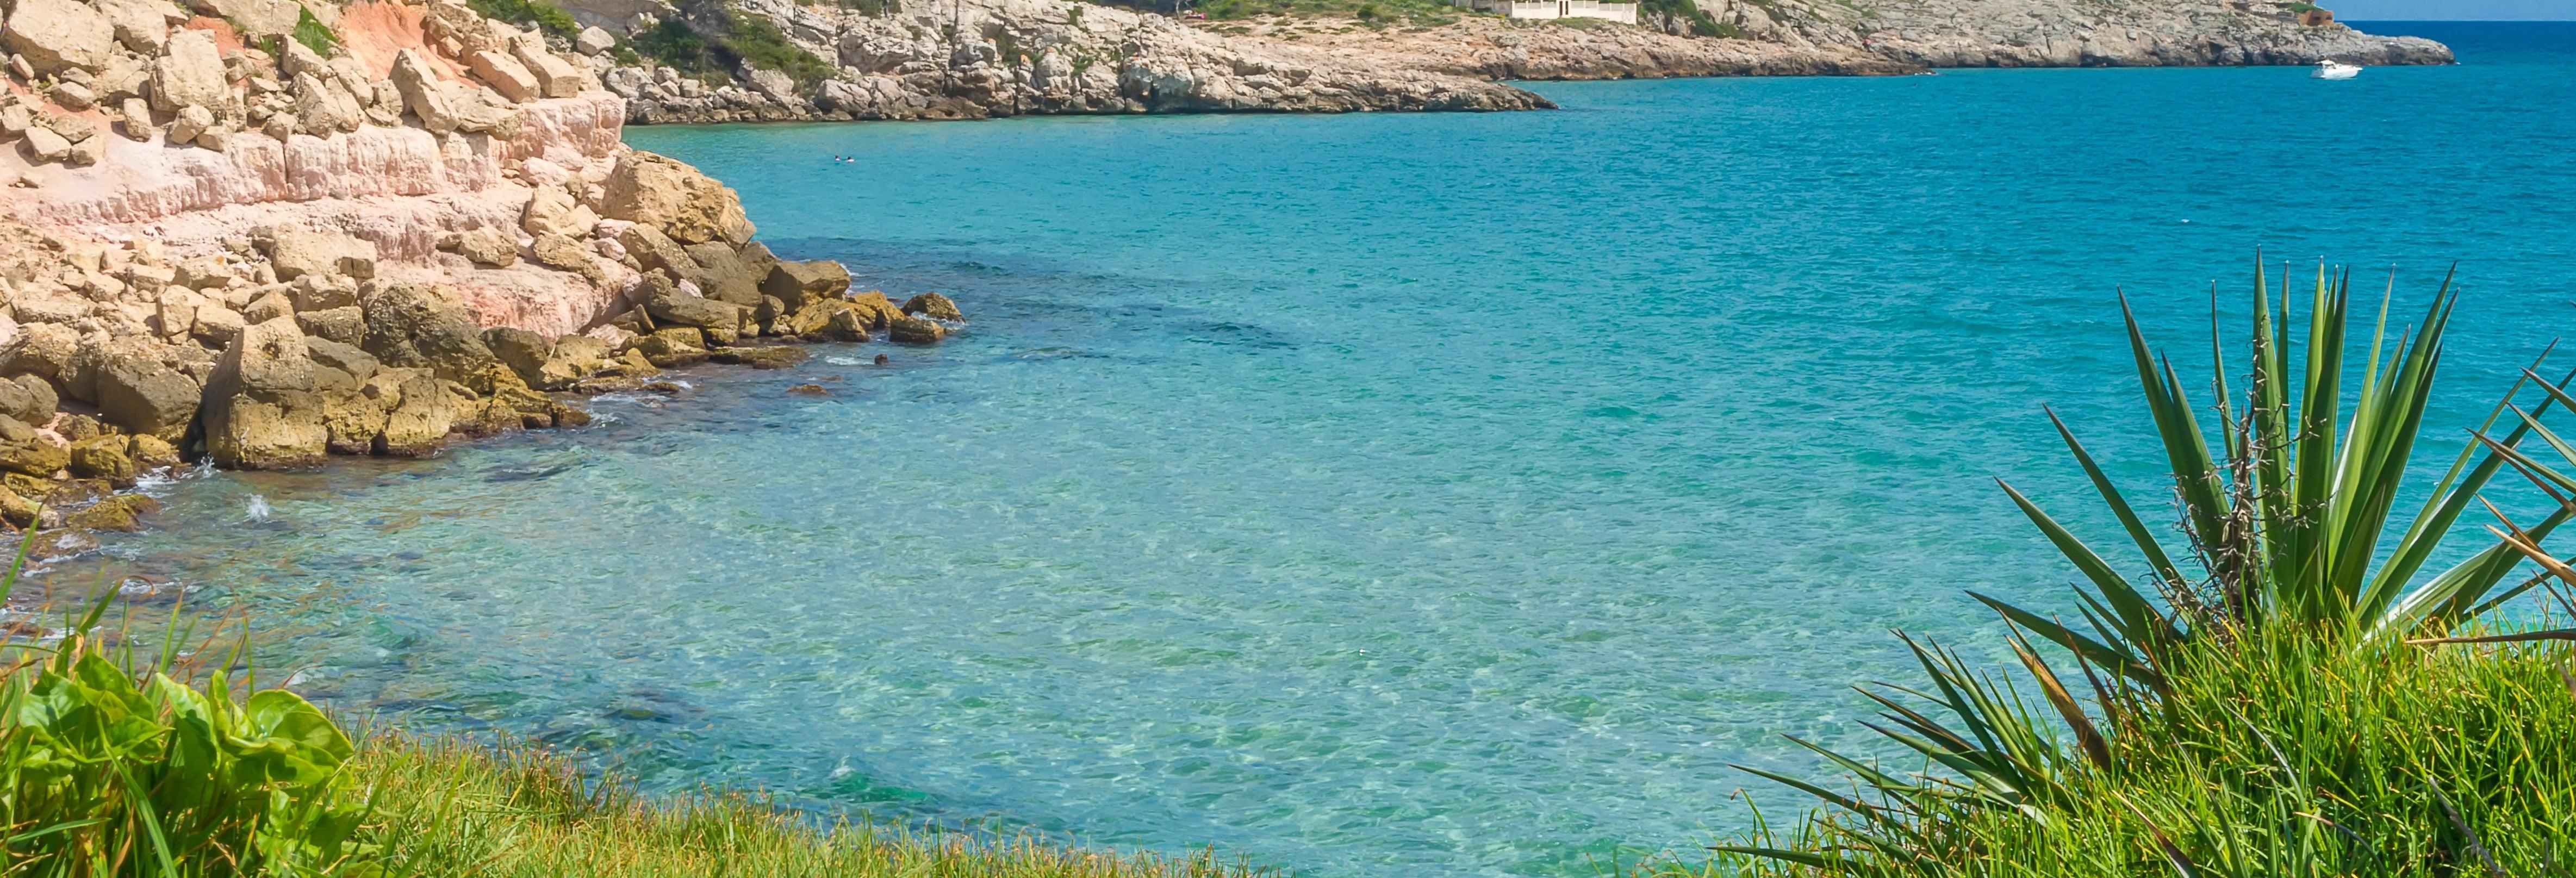 Tour en moto de agua por Salou